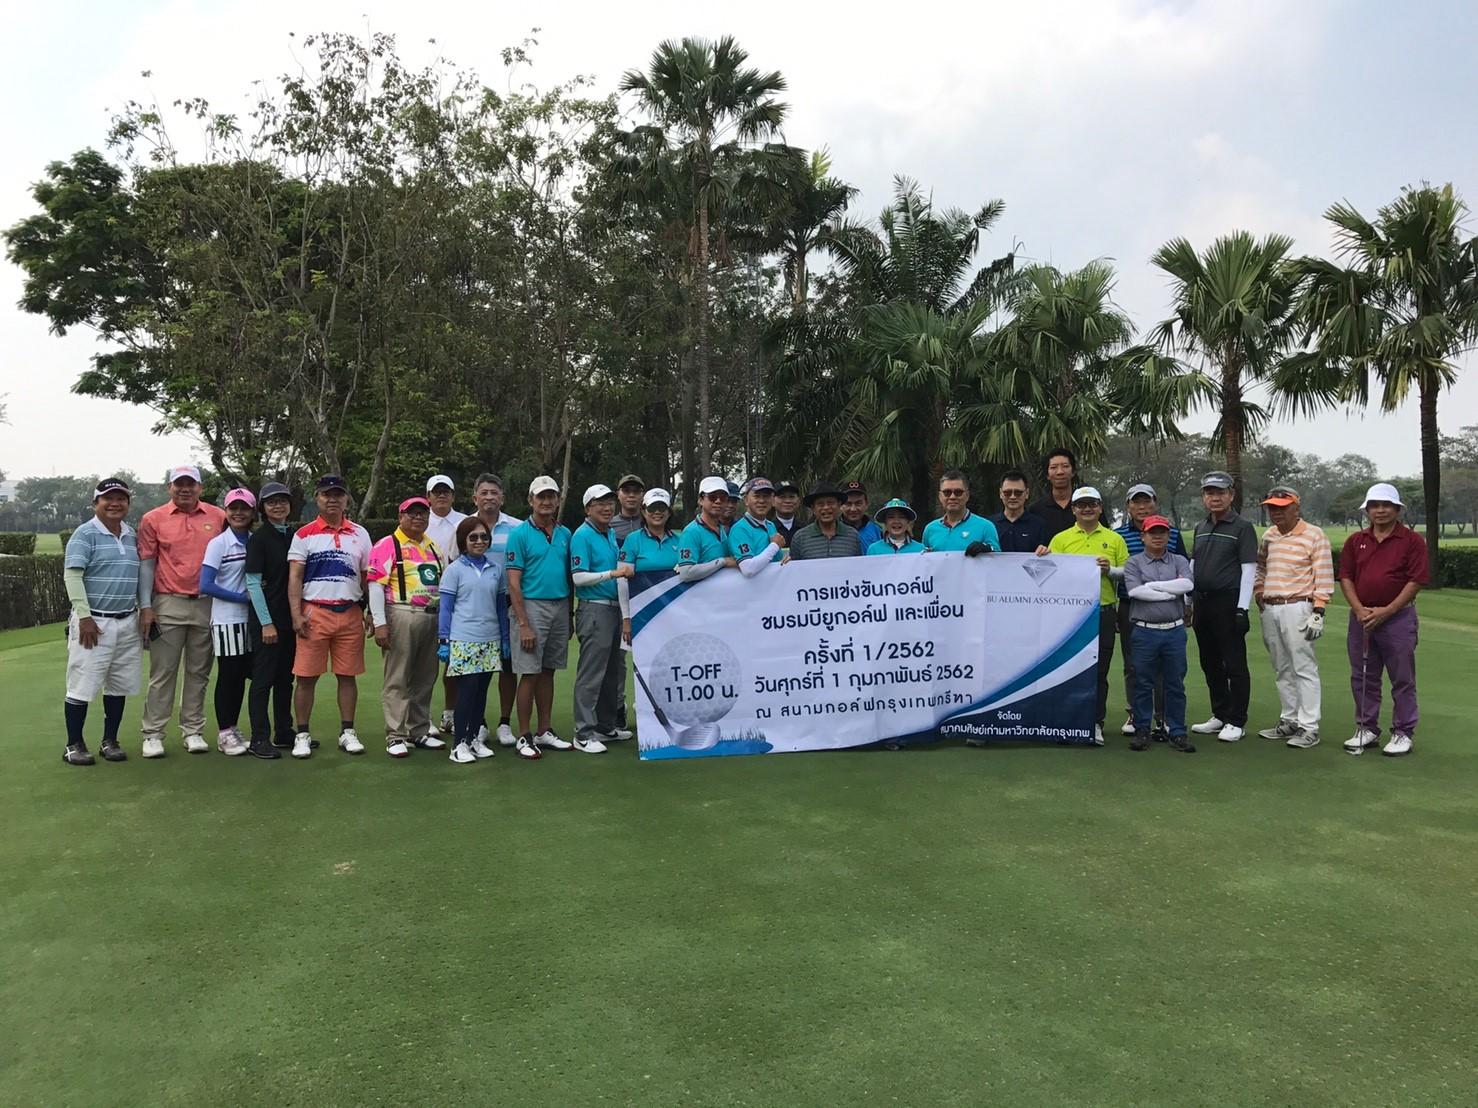 การแข่งขันกอล์ฟ ชมรมบียูกอล์ฟและเพื่อน ครั้งที่ 1/2562